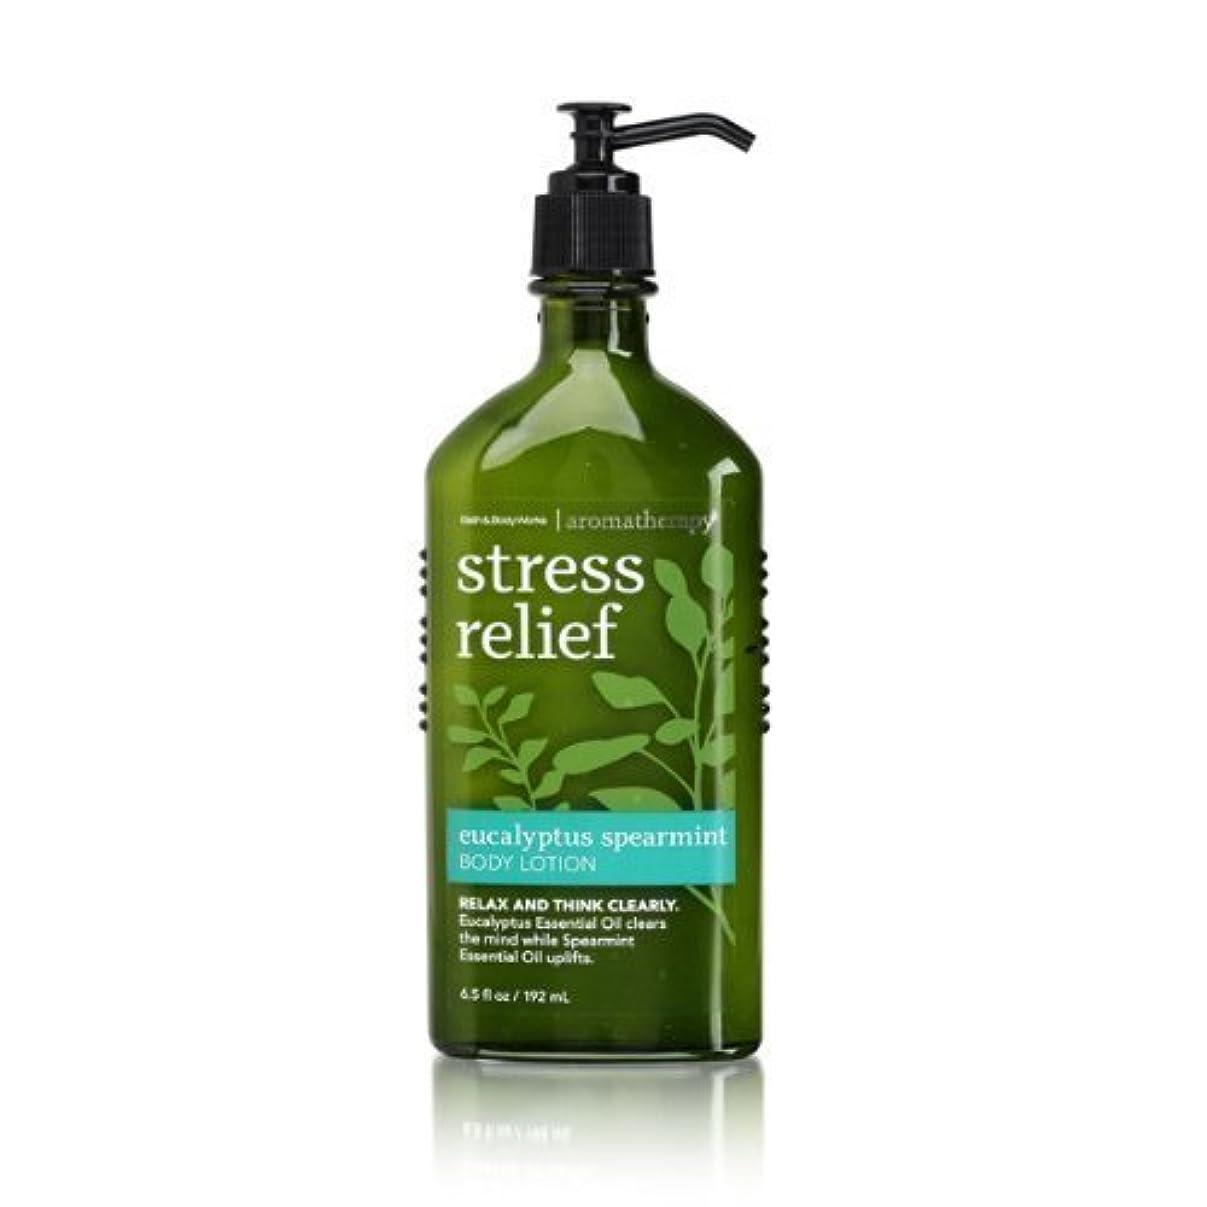 ちっちゃい征服する分解するBath & Body Works Aromatherapy Body Lotion with Free Hand Sanitizer (Eucalyptus Spearmint) [並行輸入品]